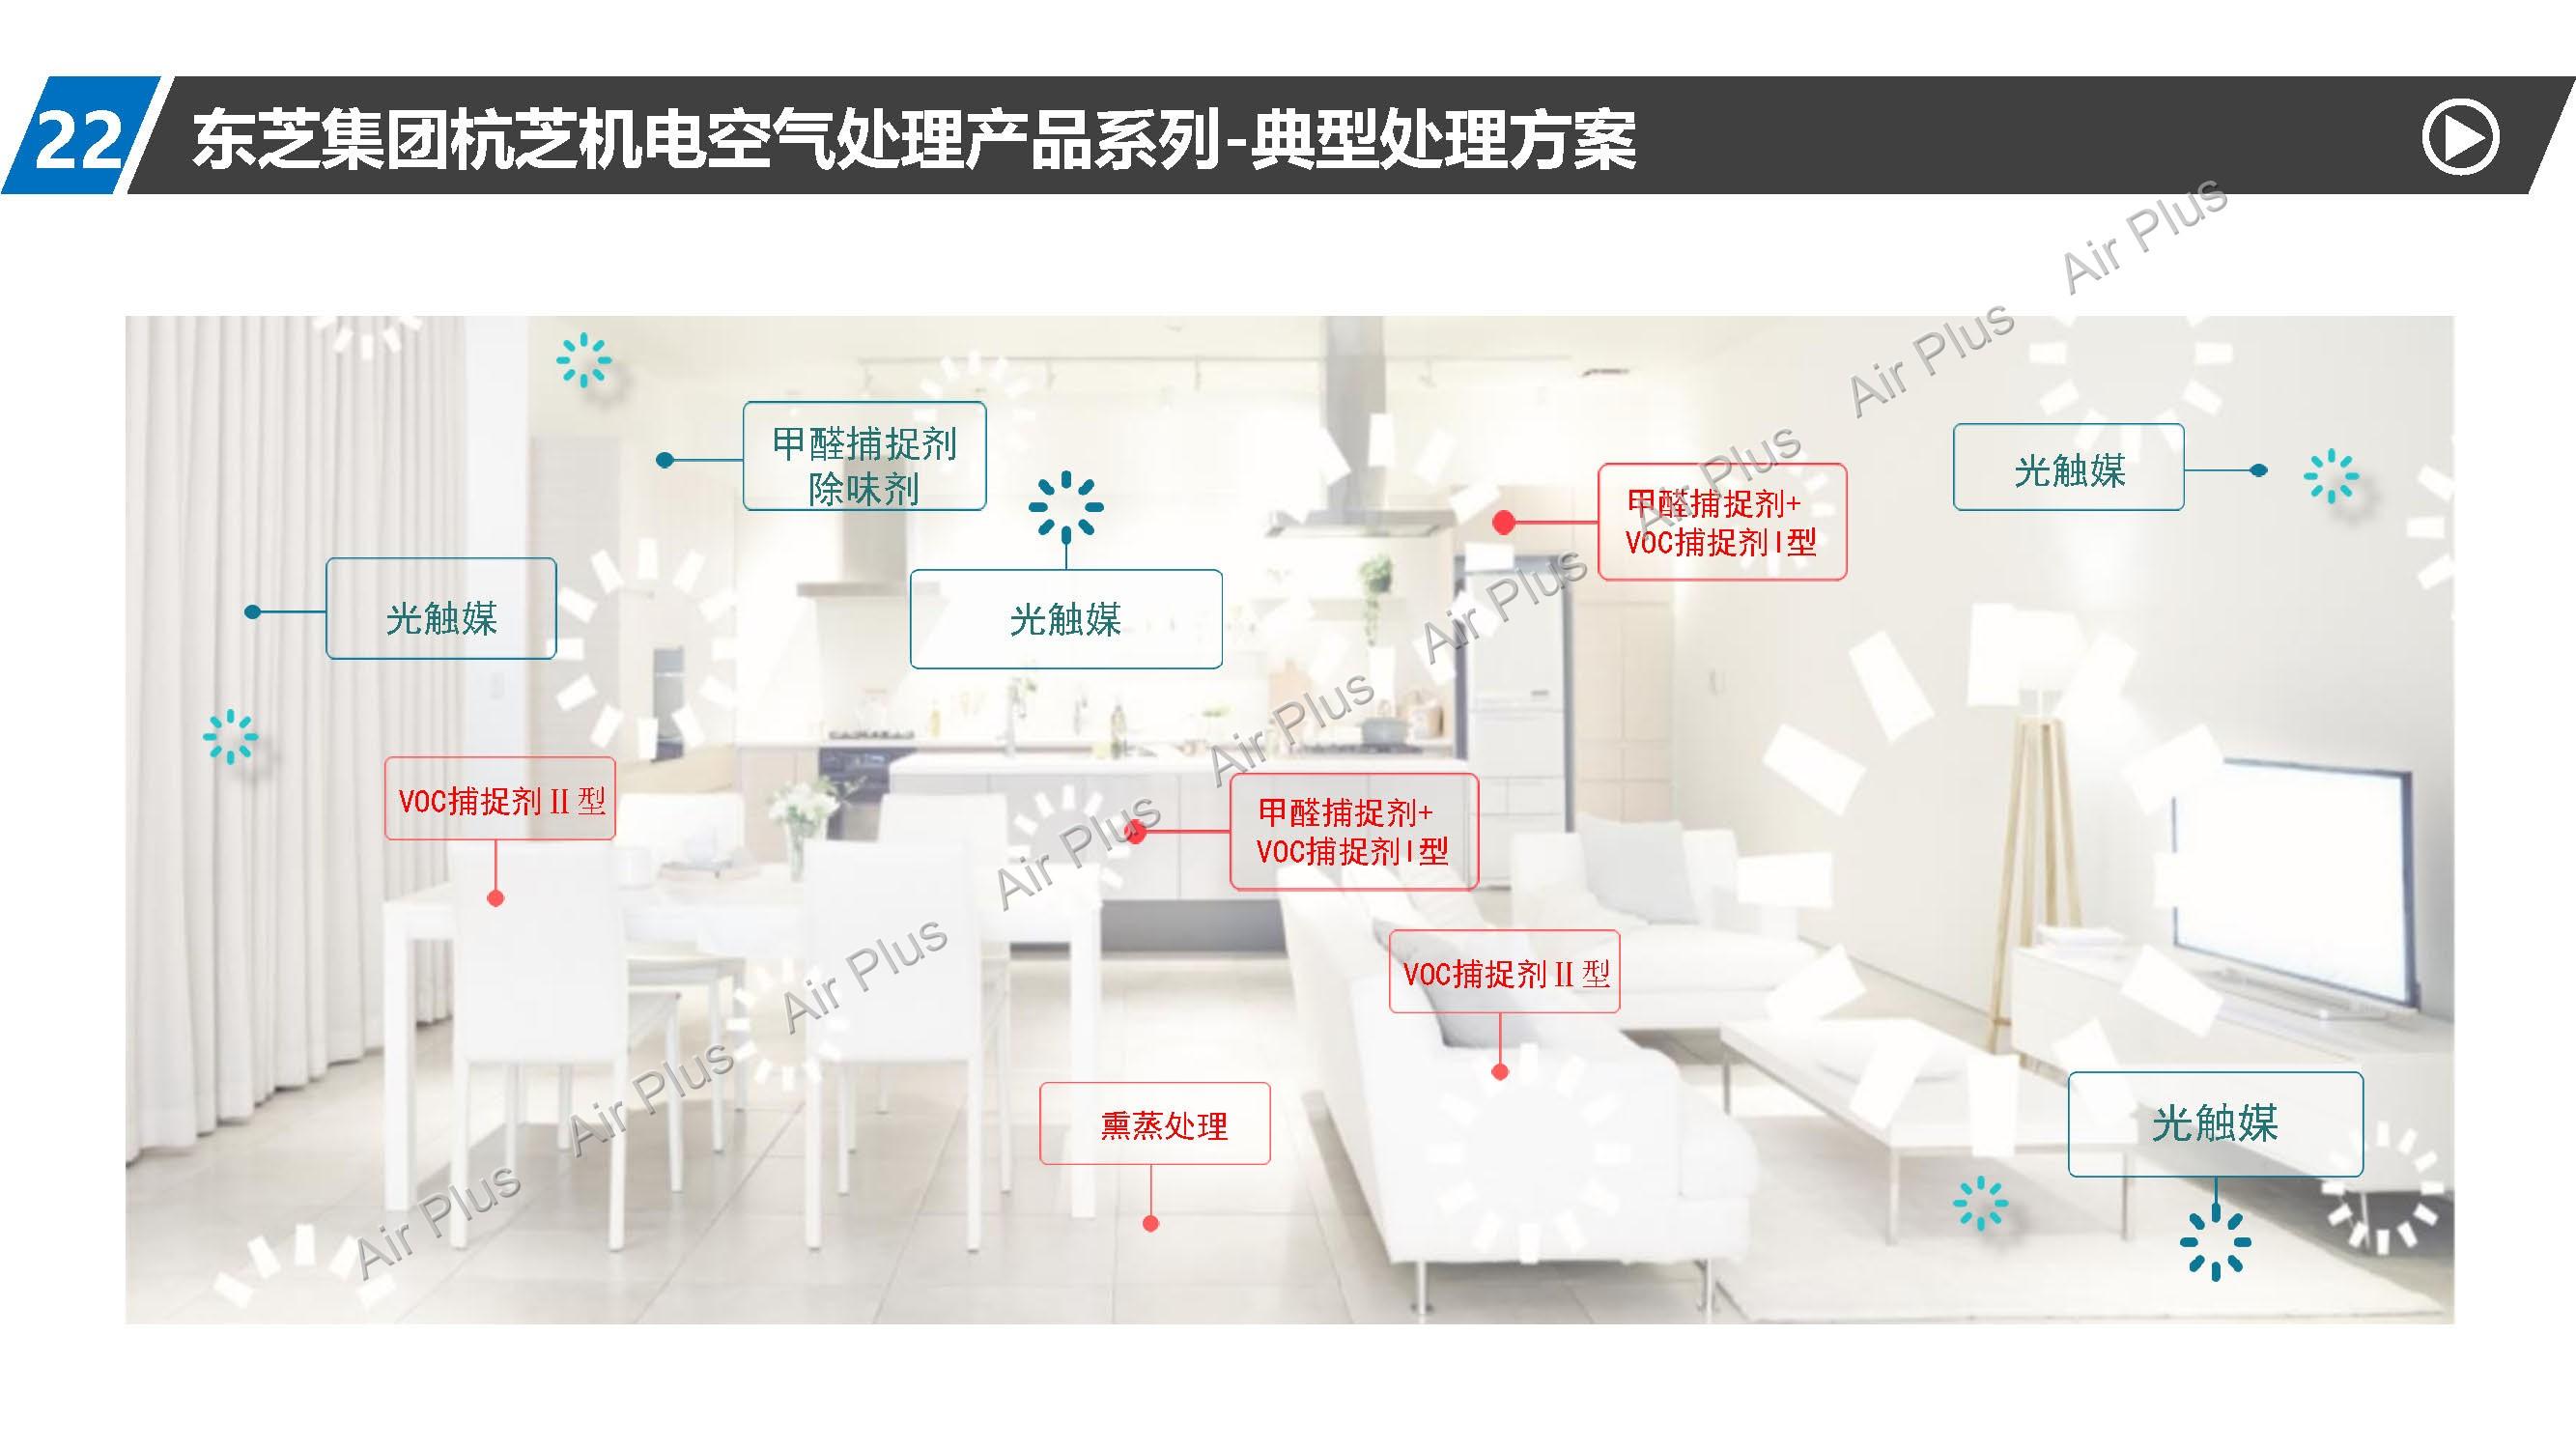 清芝洁空气处理新品介绍简介_页面_20.jpg